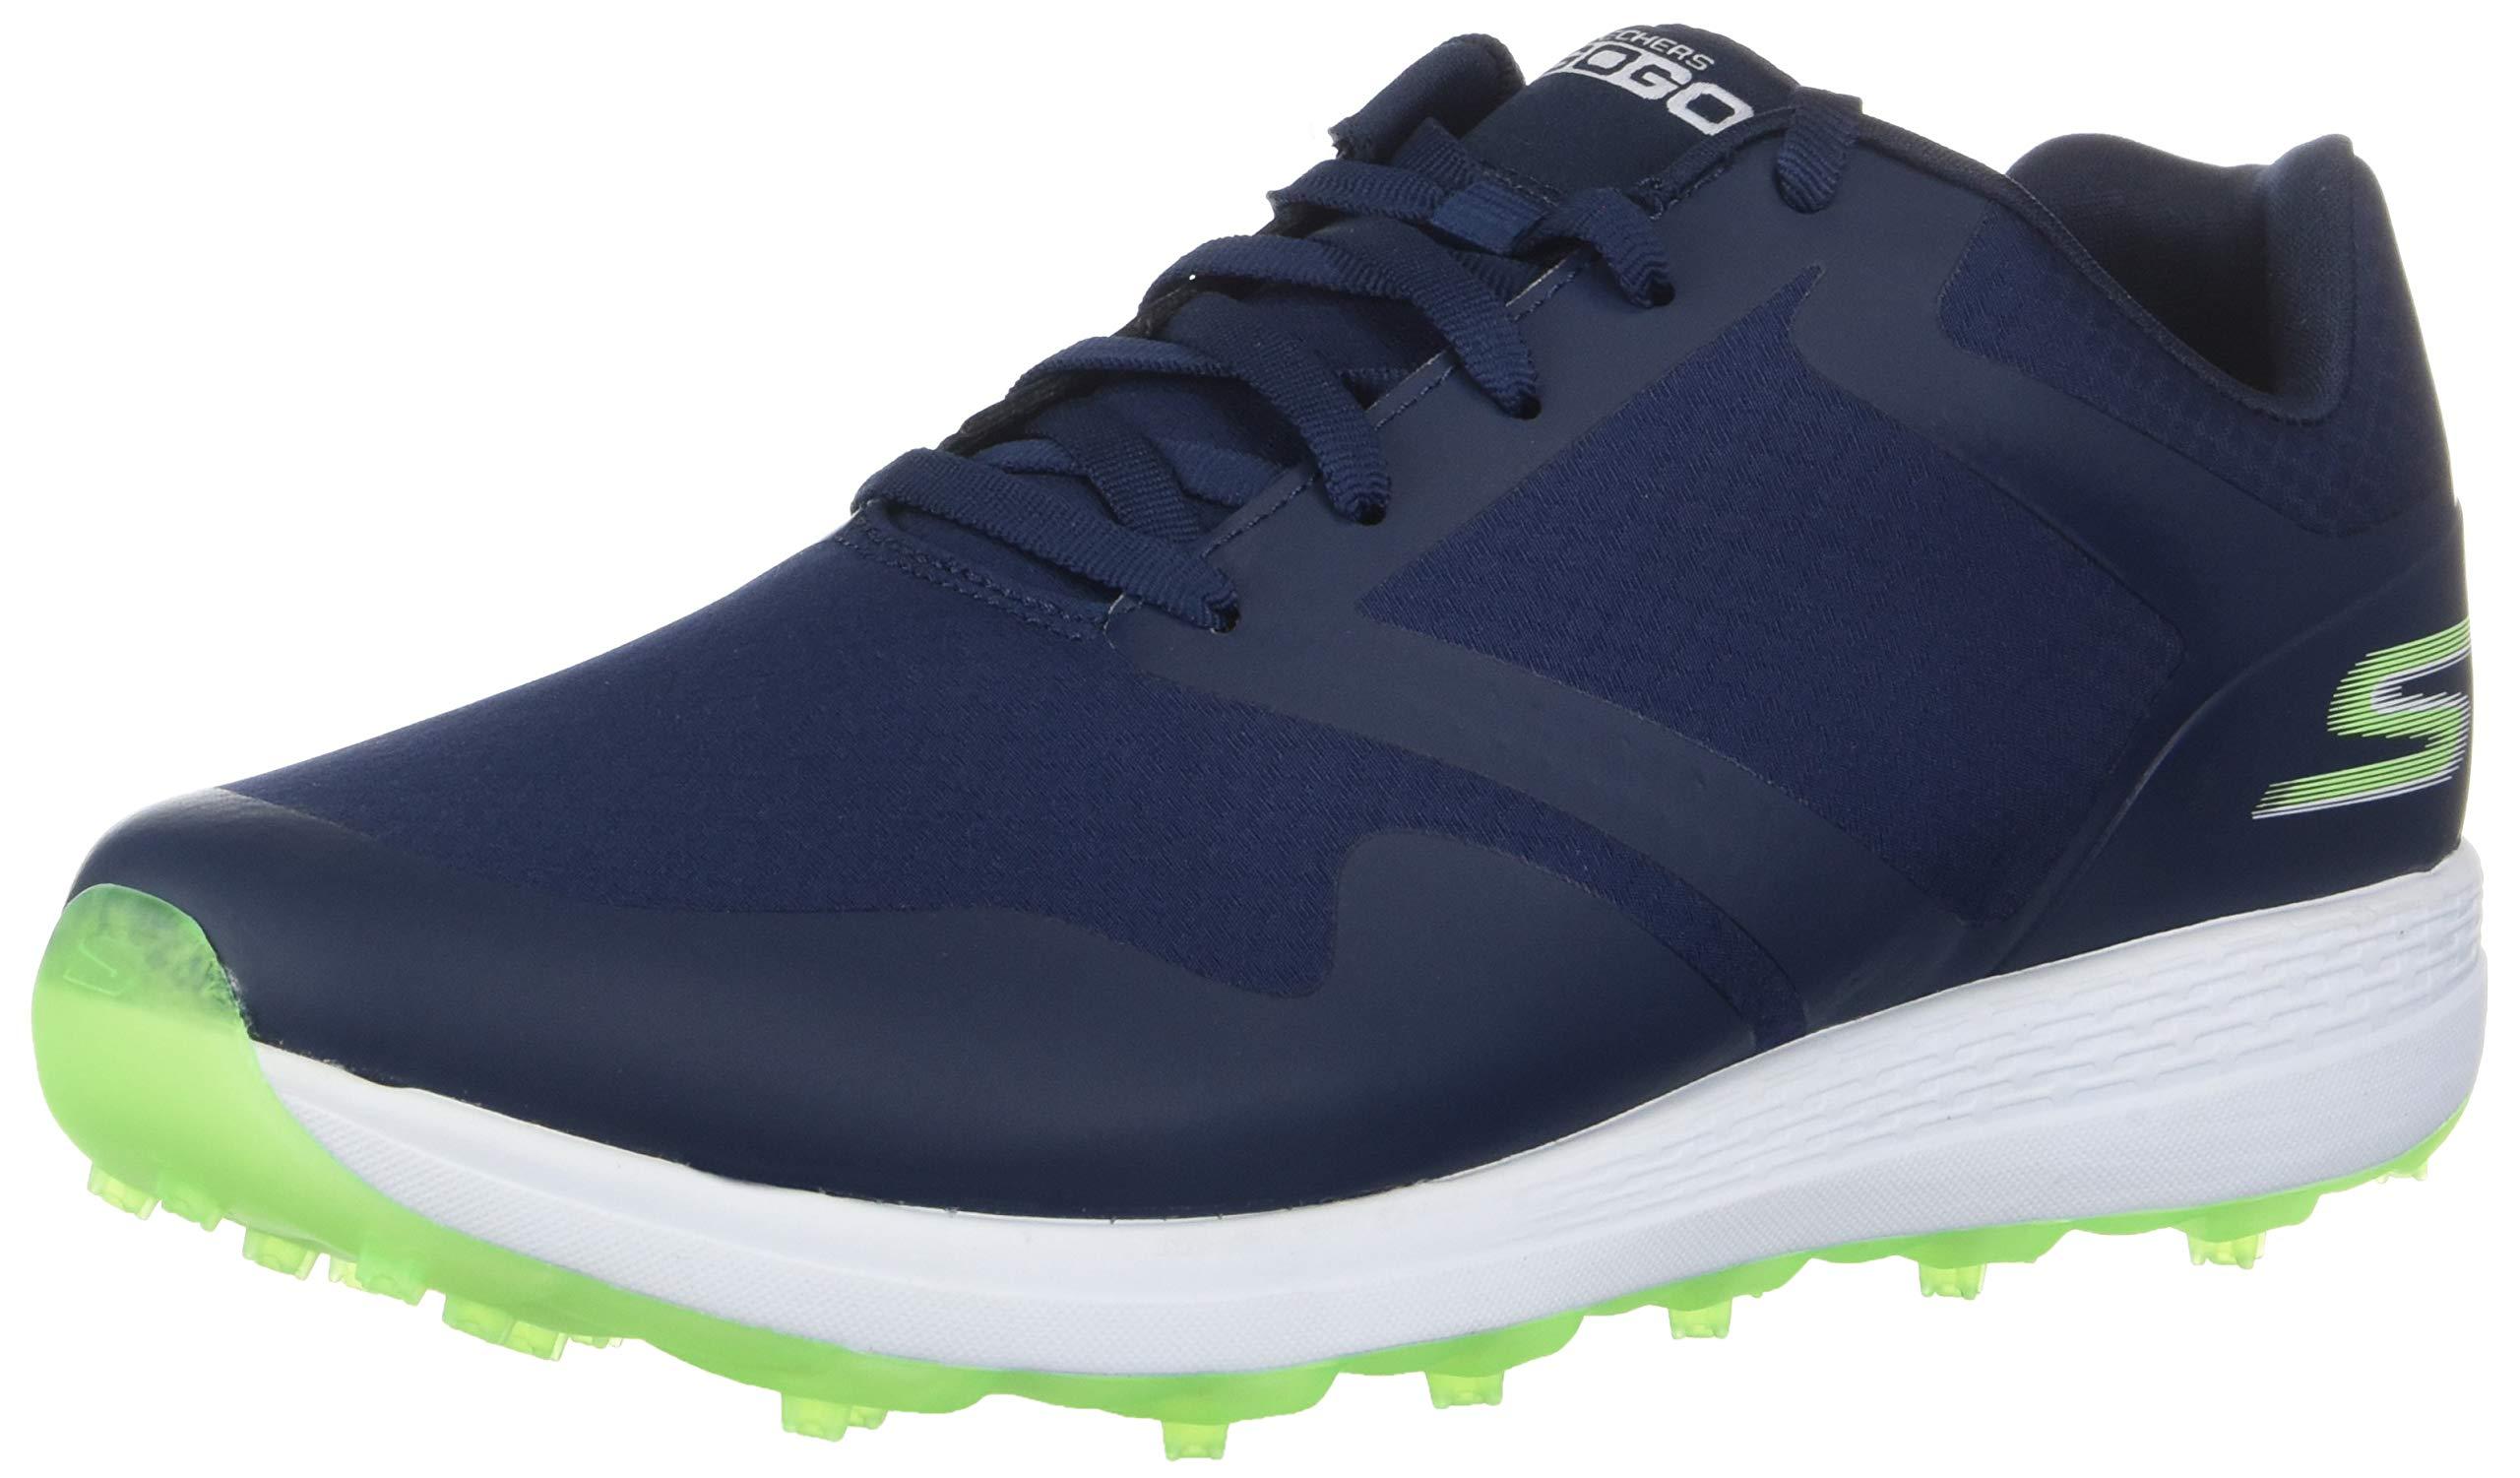 Skechers Women's Max Golf Shoe, Navy/Green, 5.5 M US